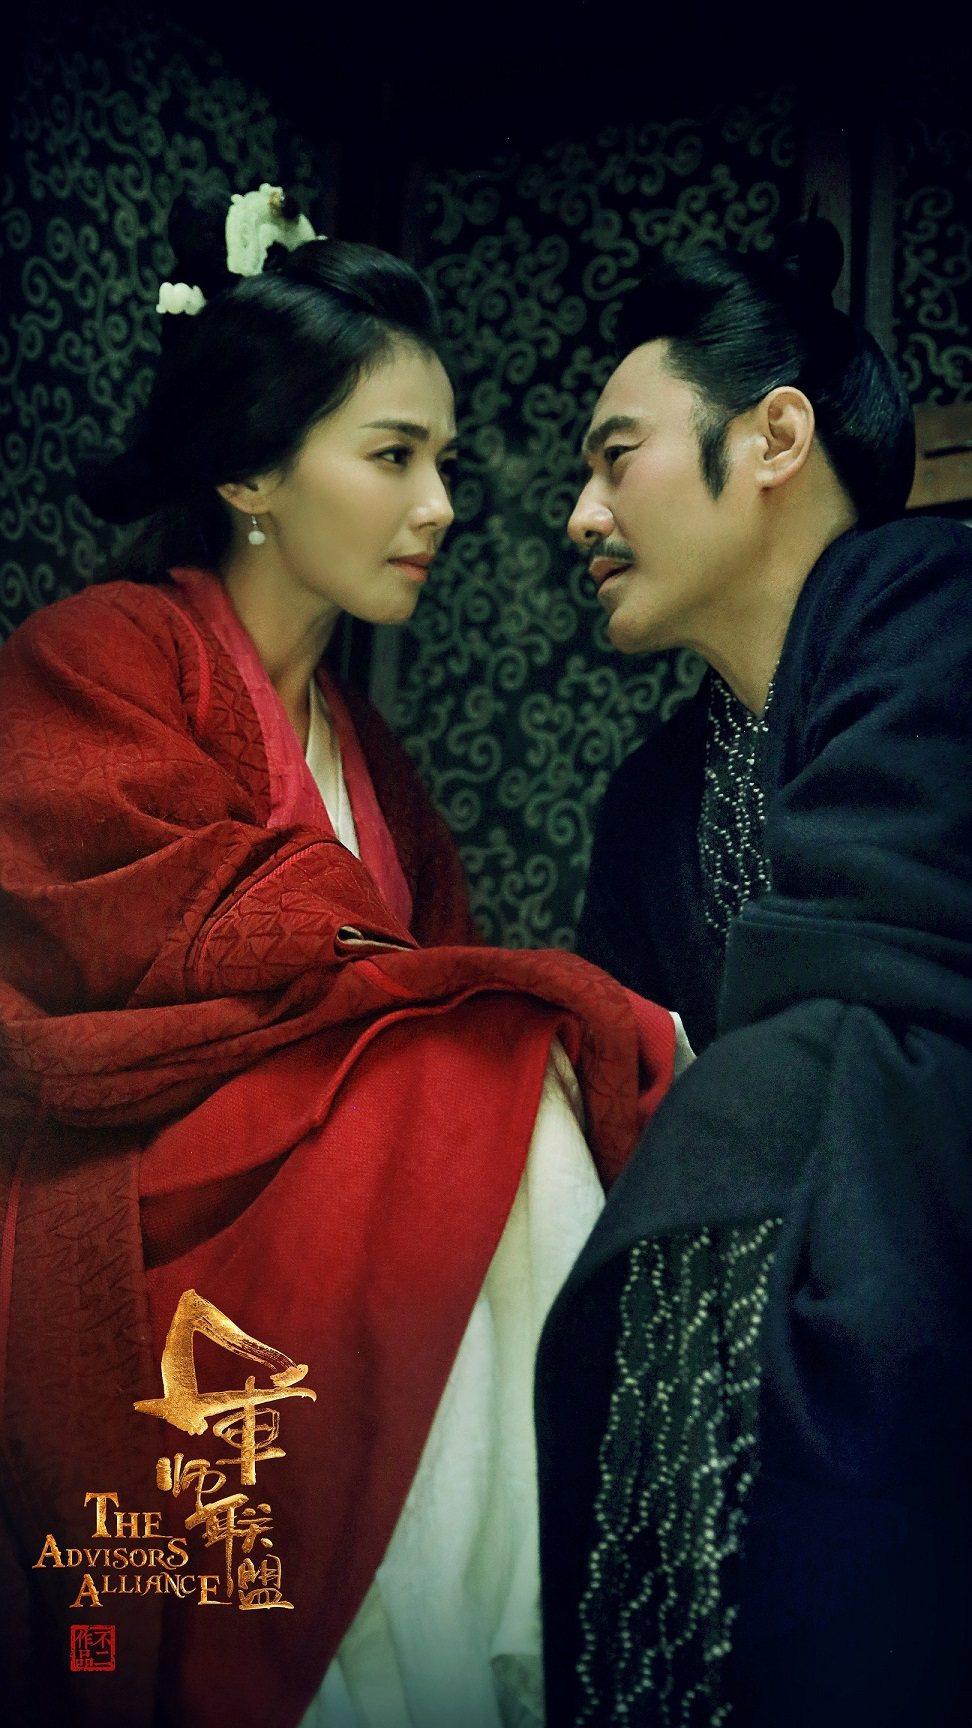 吳秀波(右)與劉濤劇中飾演恩愛夫妻。圖/中視提供